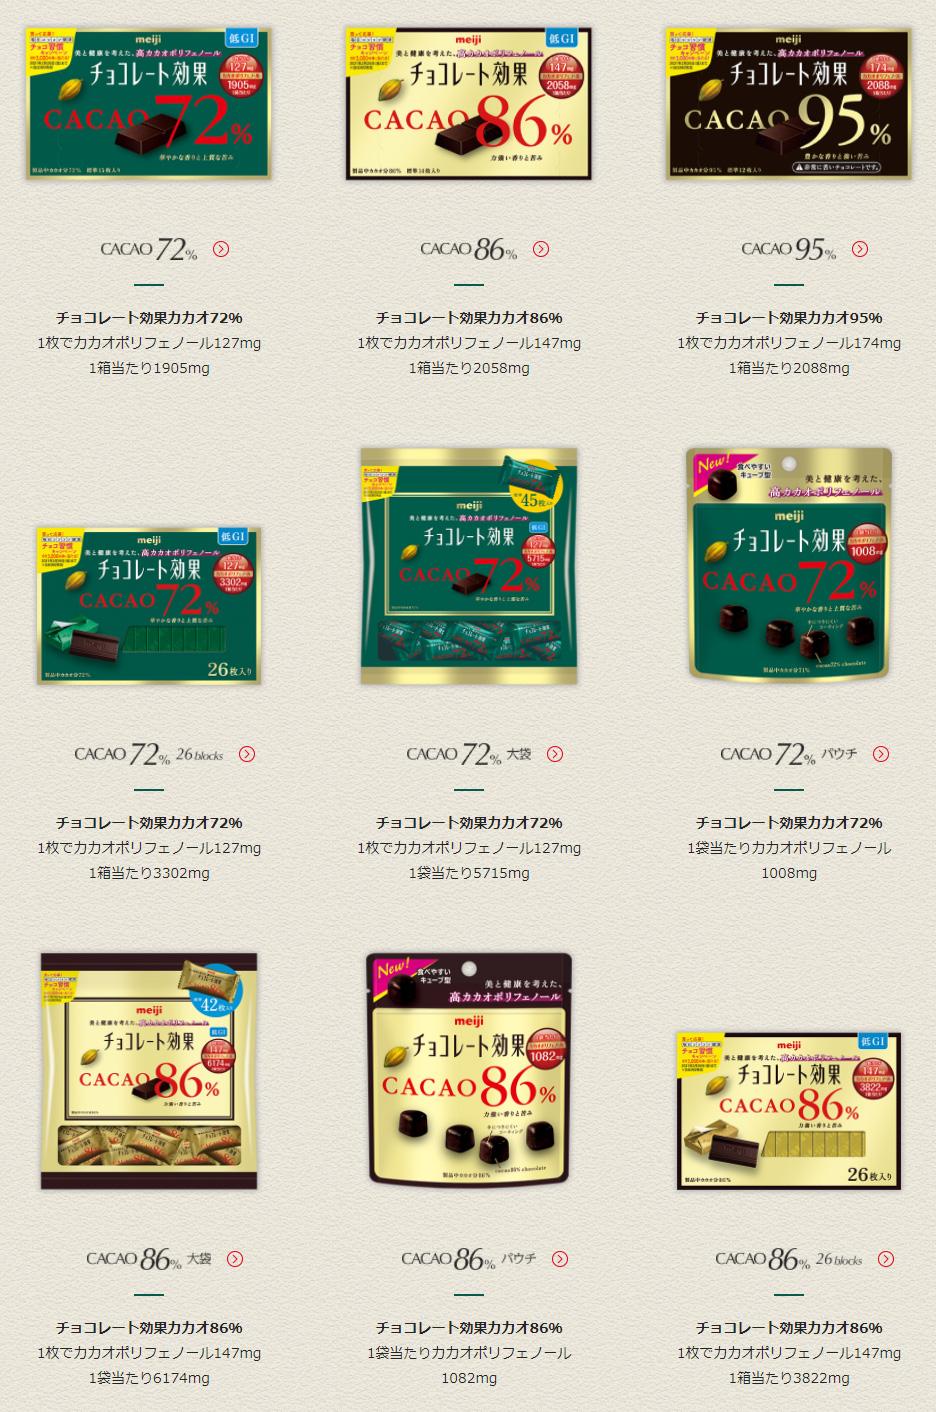 明治チョコレート効果 懸賞キャンペーン2020~2021 対象商品